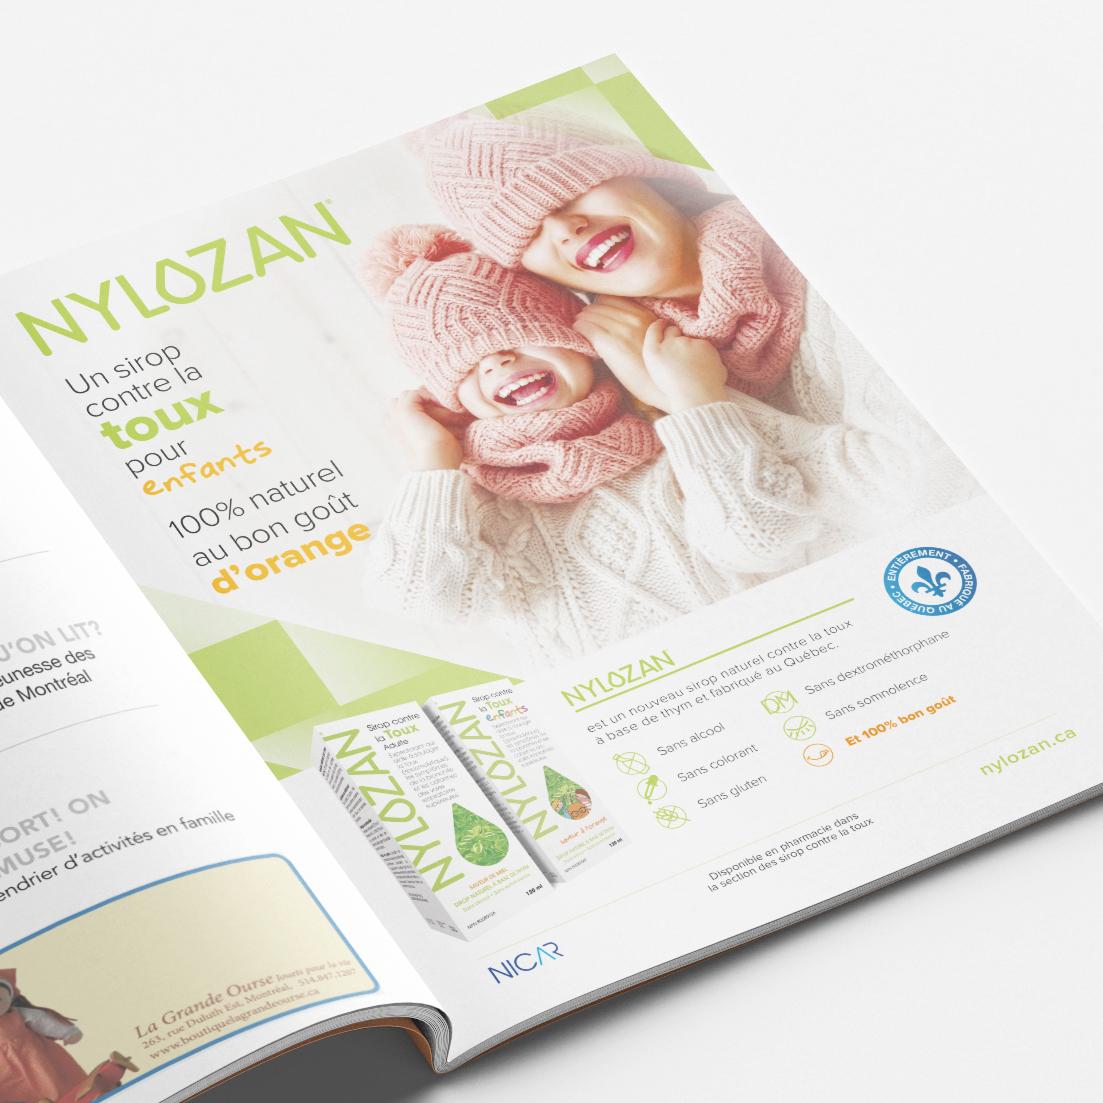 """Publicité pour Nylozan dans le magasine """"Montreal pour enfants"""" - 2020-11"""